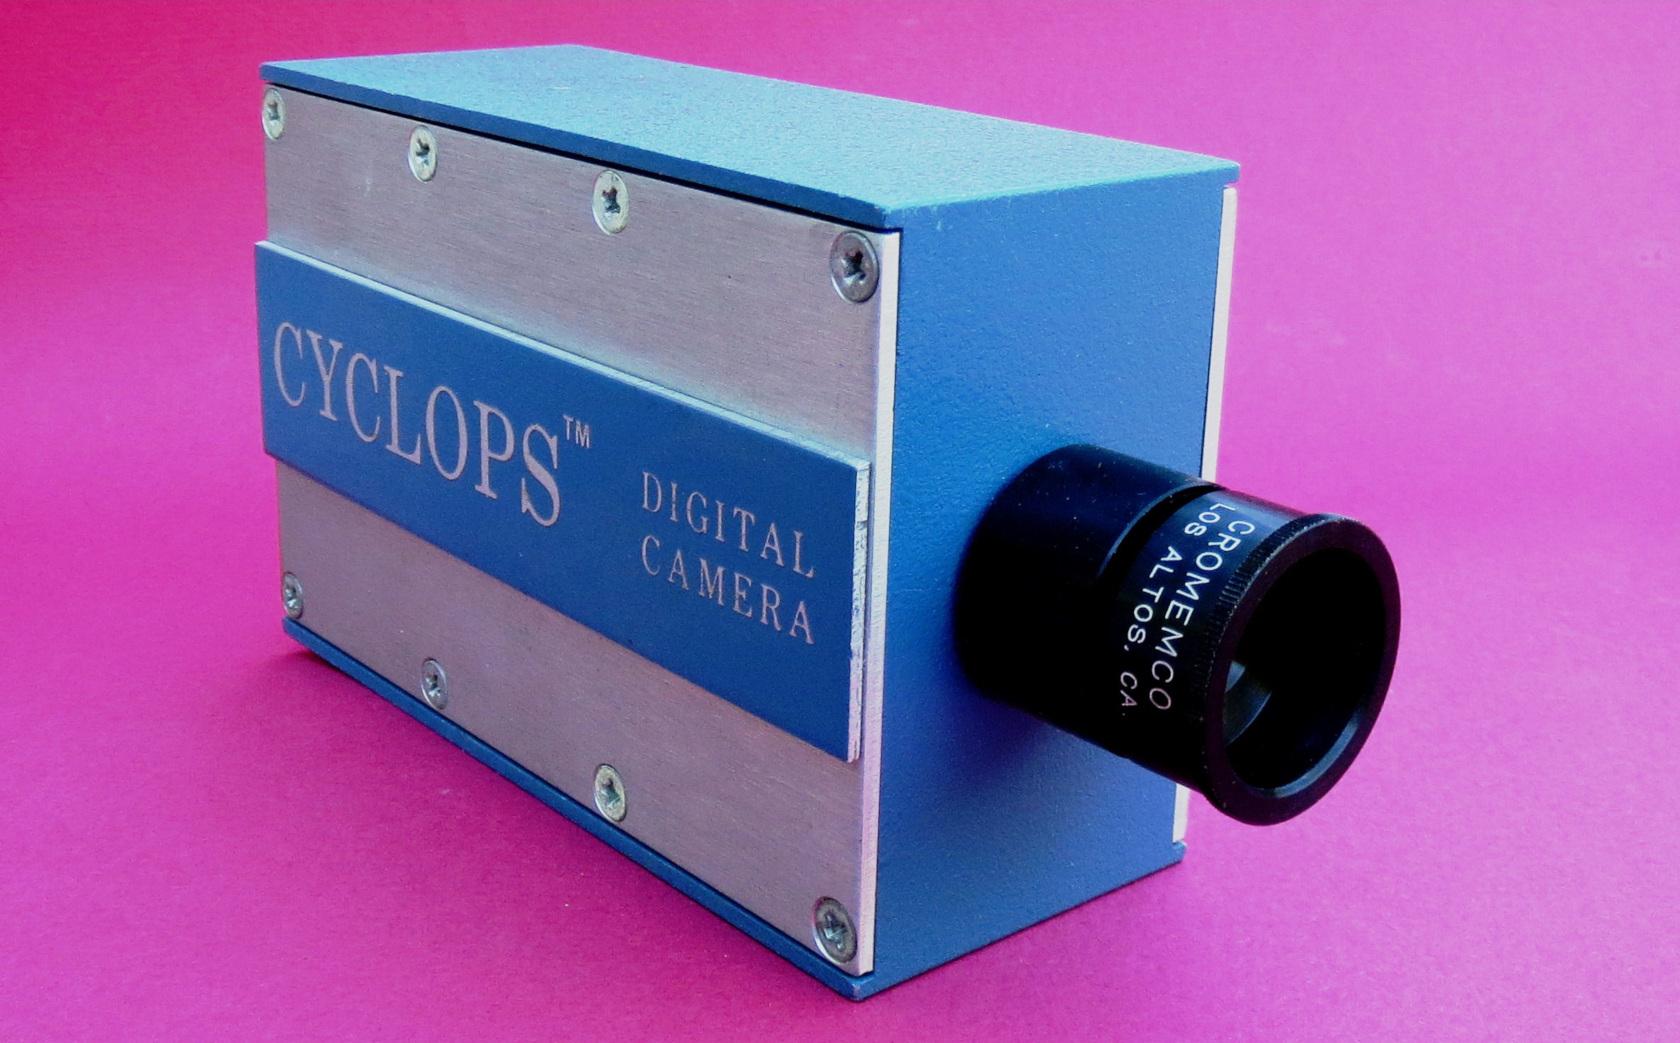 """Mit der <em>Cromemco Cyclops</em> wurde 1975 eine der ersten kommerziellen Digitalkameras vorgestellt. Das Produkt der Firma <em>Cromemco</em> besaß eine maximale Bildauflösung von 0,001 Megapixeln.<br> Quelle: <a href=""""https://commons.wikimedia.org/wiki/File:Cyclops_Digital_Camera_(1976).JPG"""">User:Cromemco / Wikimedia Commons</a><br> Lizenz: <a href=""""https://creativecommons.org/licenses/by-sa/3.0/deed.de"""">Creative Commons BY-SA 3.0</a>"""